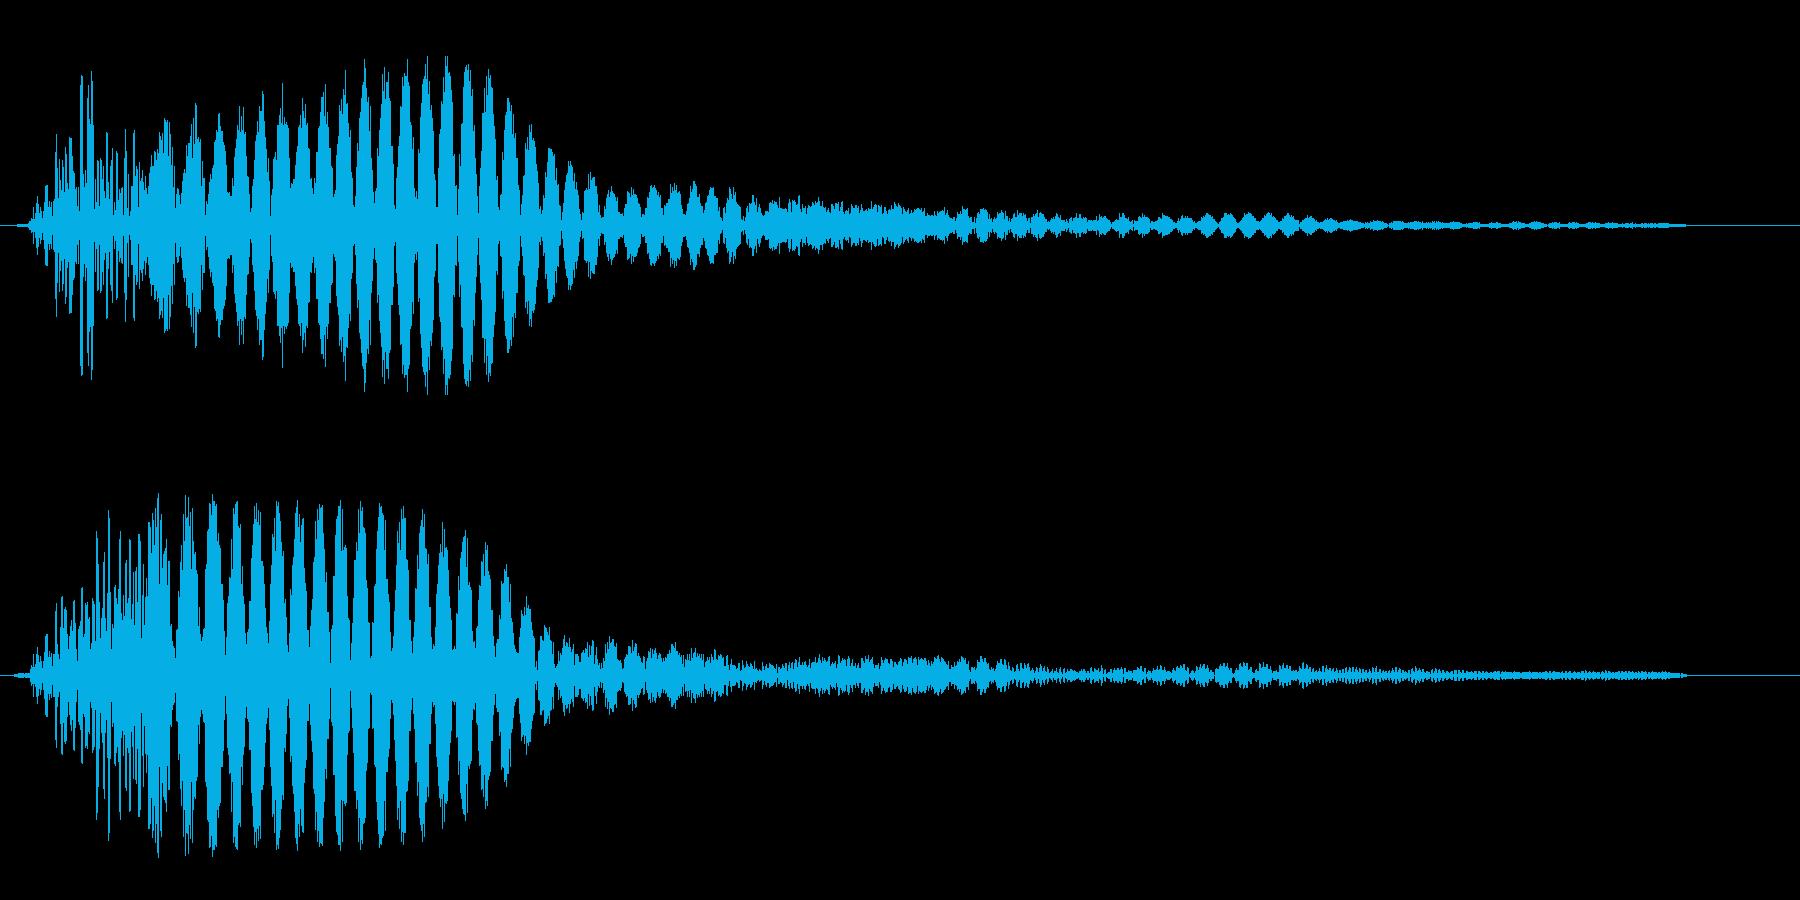 ポーン(シンプルな単音の決定音)の再生済みの波形